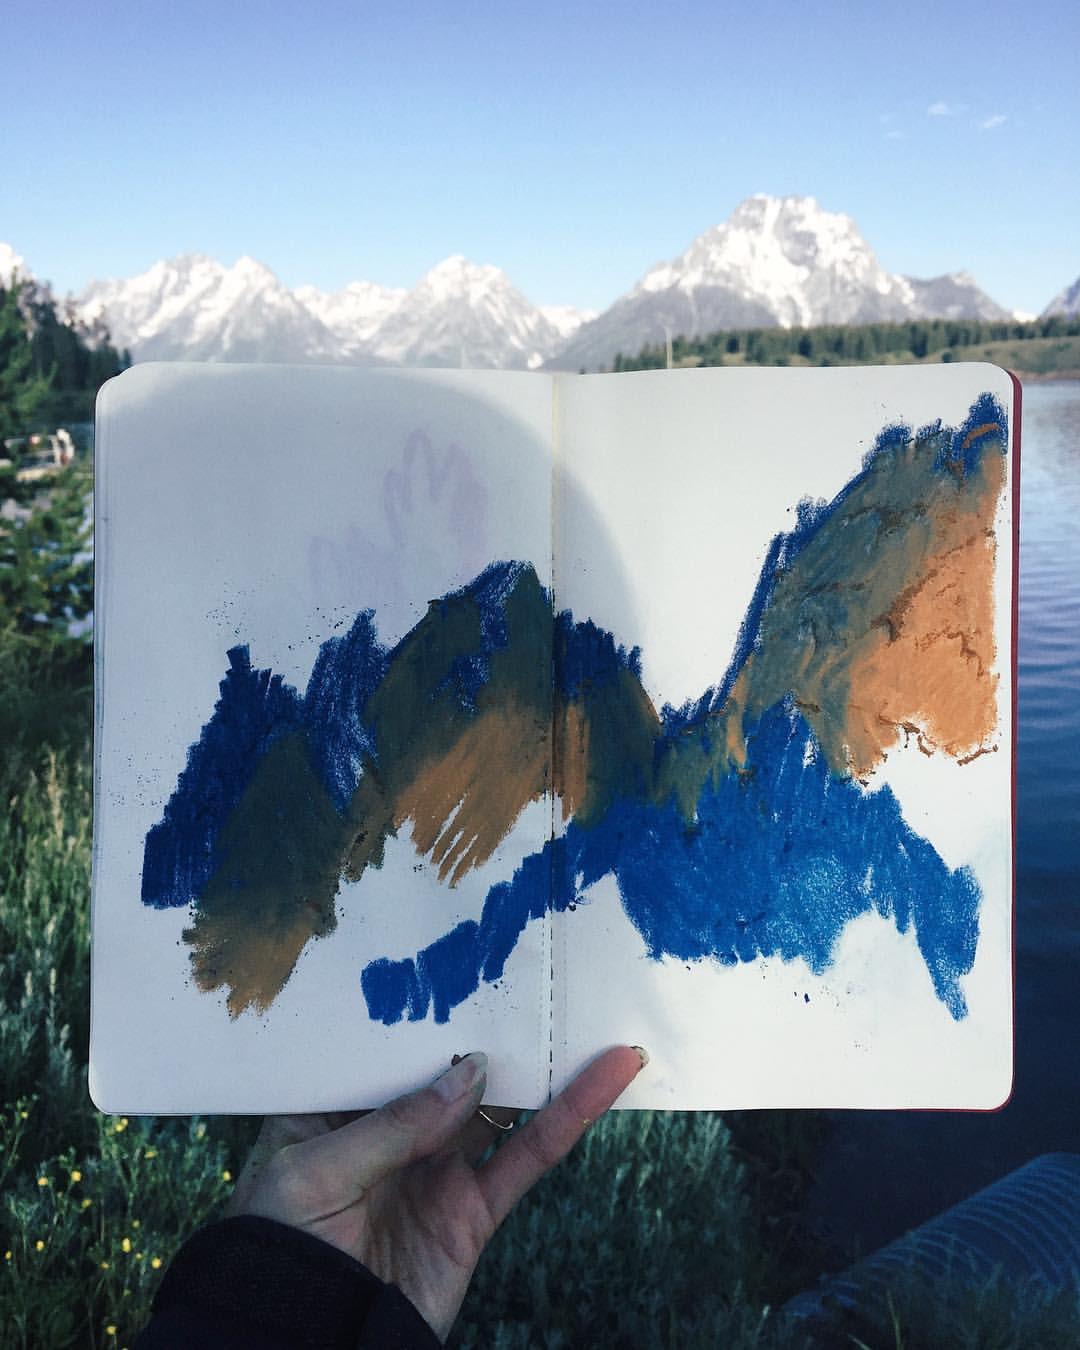 The Grand Tetons - Mountains I